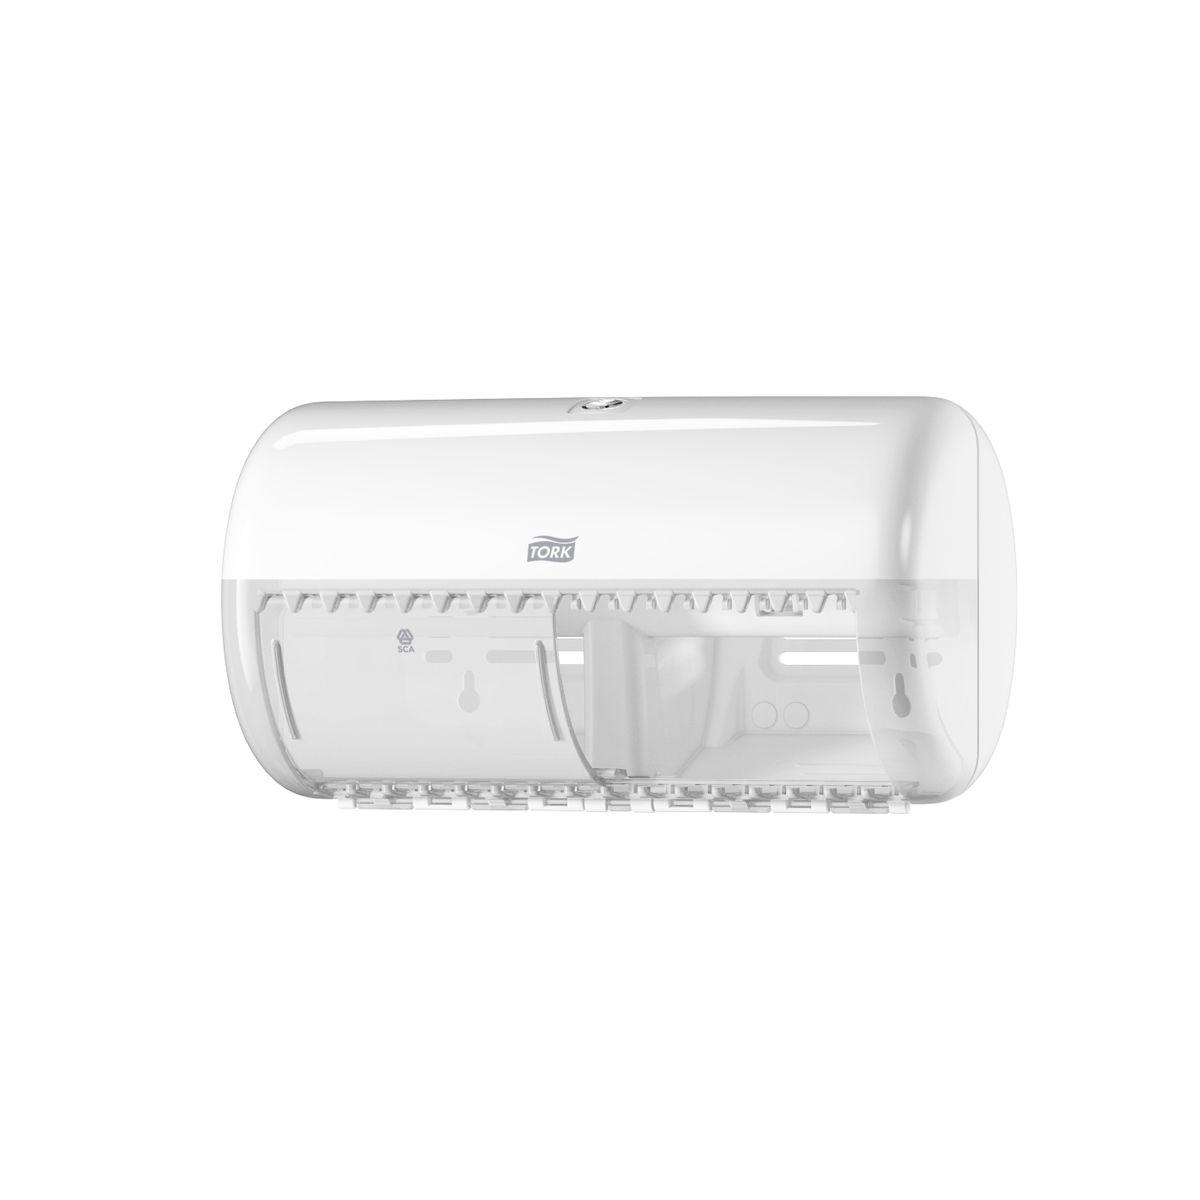 Диспенсер для туалетной бумаги Tork, цвет: белый. 557000557000Система Т4 - бумага в стандартных рулончиках. Практичный компактный диспенсер, вмещающий 2 стандартных рулона туалетной бумаги. Бумага легко отрывается с помощью удобных зубцов, даже не имея перфорации, защищается от повреждений и кражи. Диспенсер открывается с помощью ключа или нажатием на кнопку. В комплект входит инструкция по заправке и использованию.